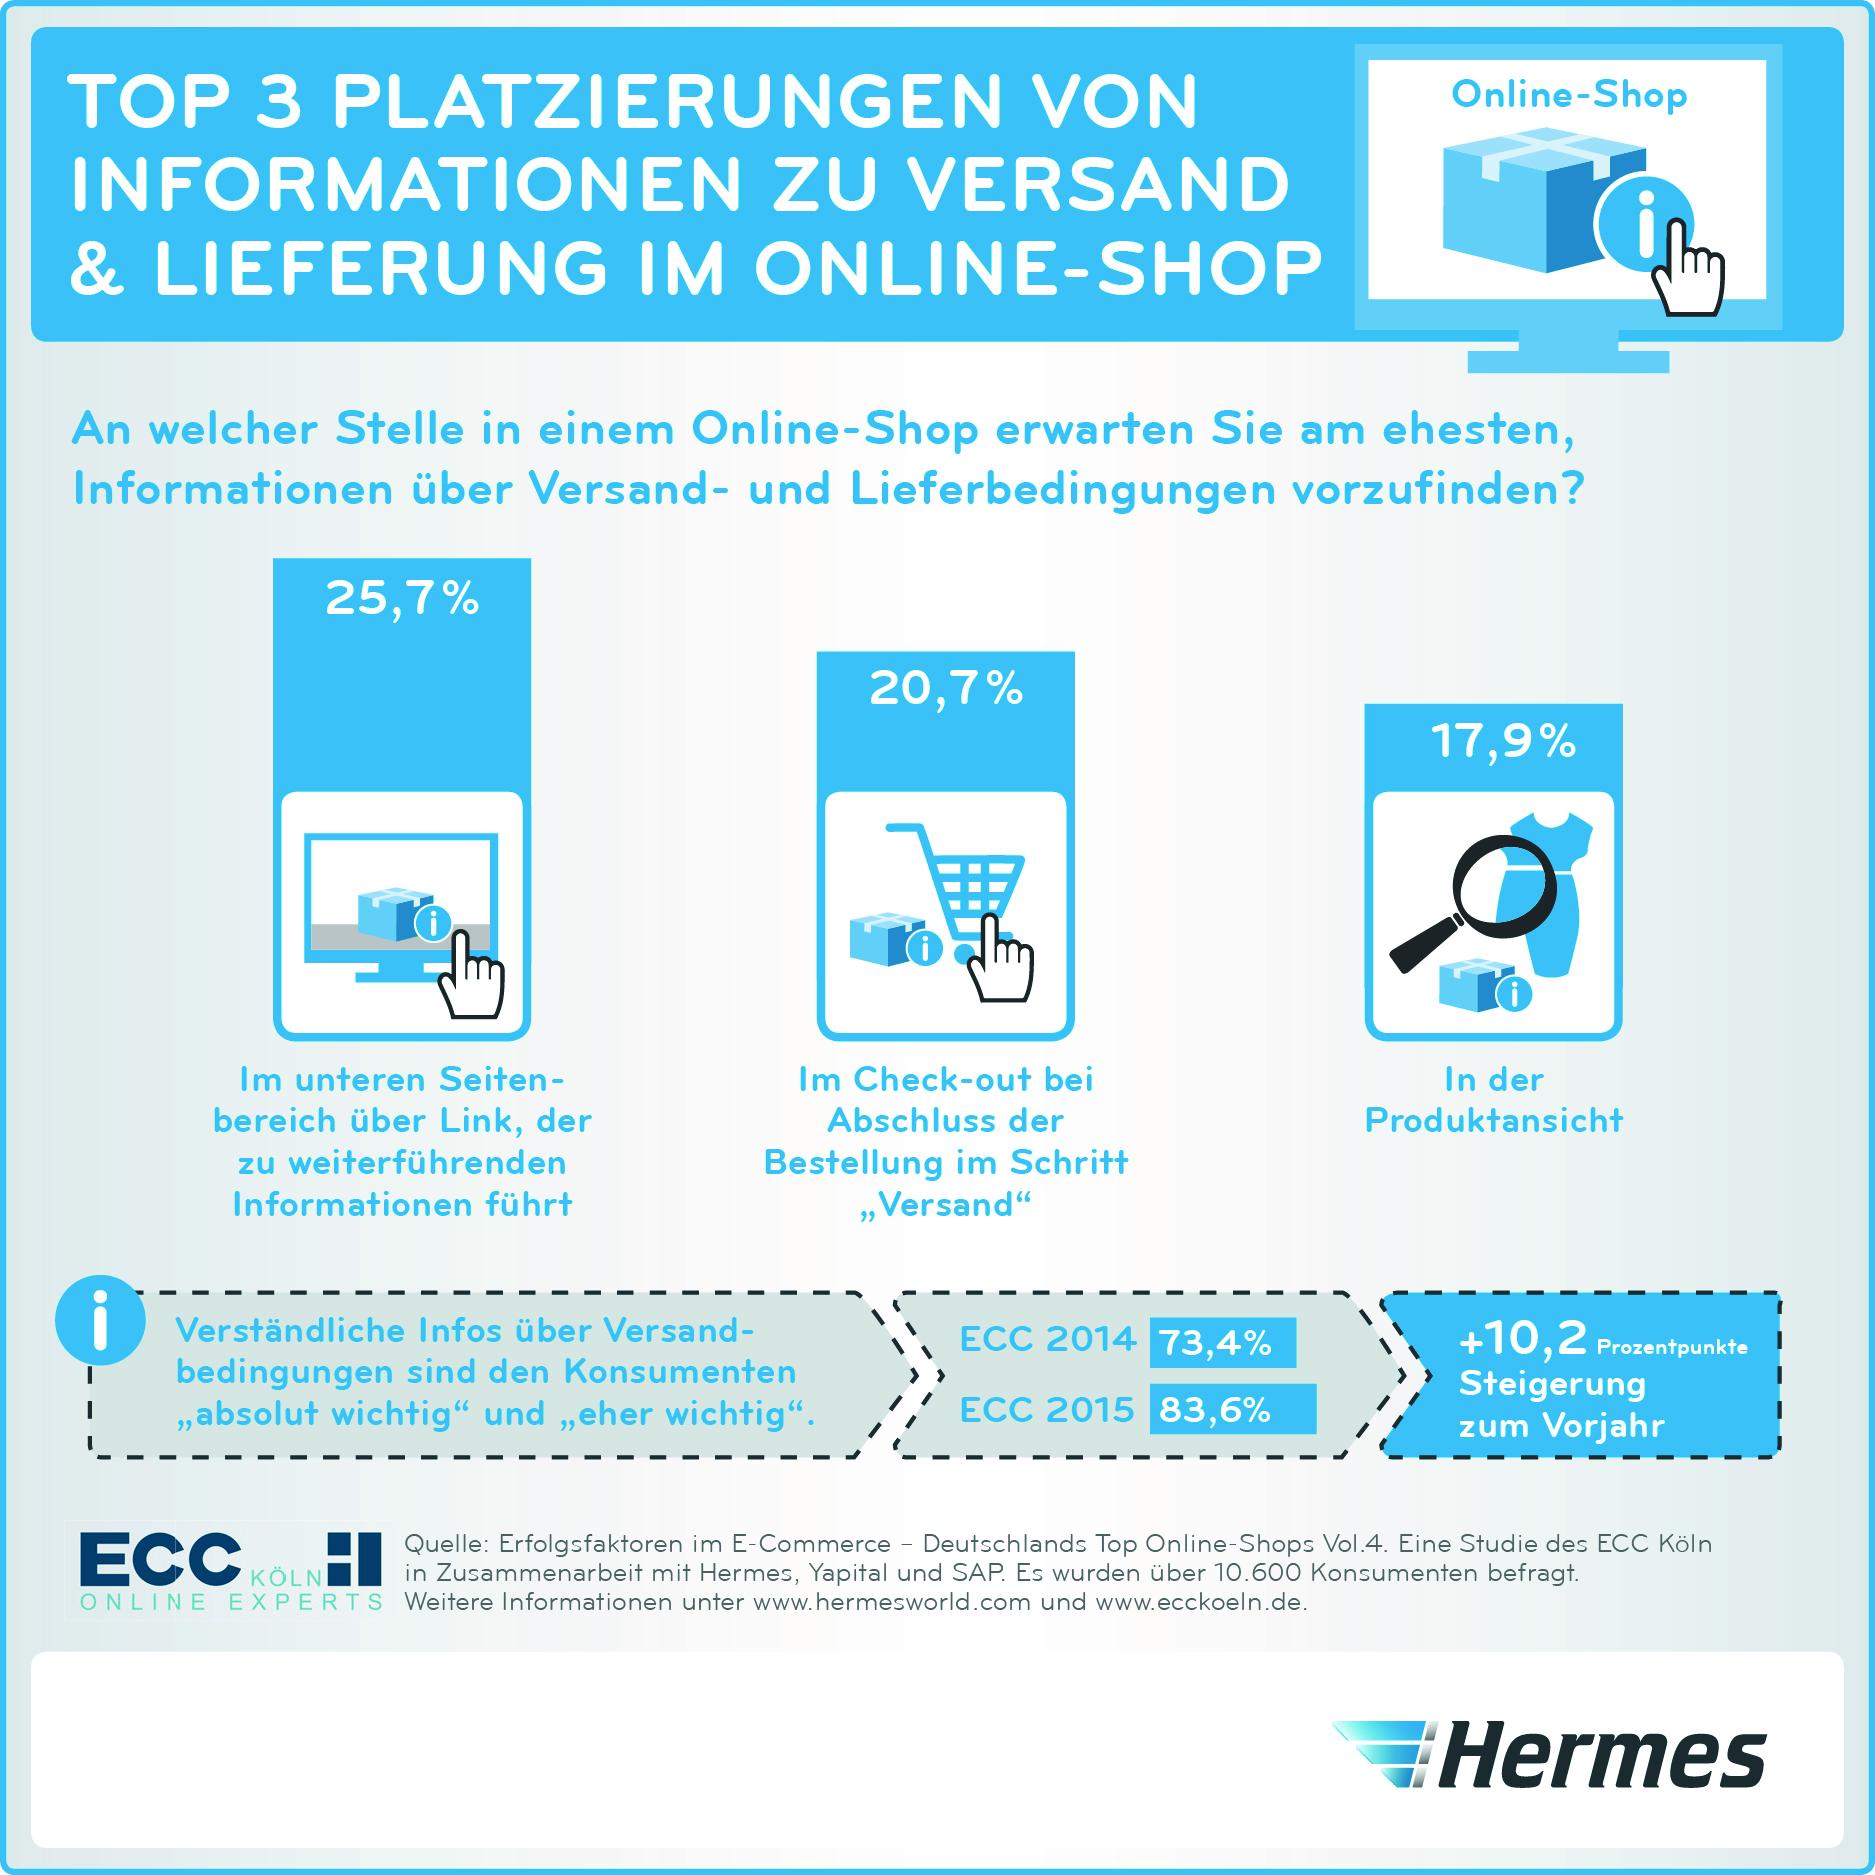 cb8da9fc7835dc ... Versand   Lieferung im Online-Shop. Hermes ECC Studie 2015  Versandinformationen